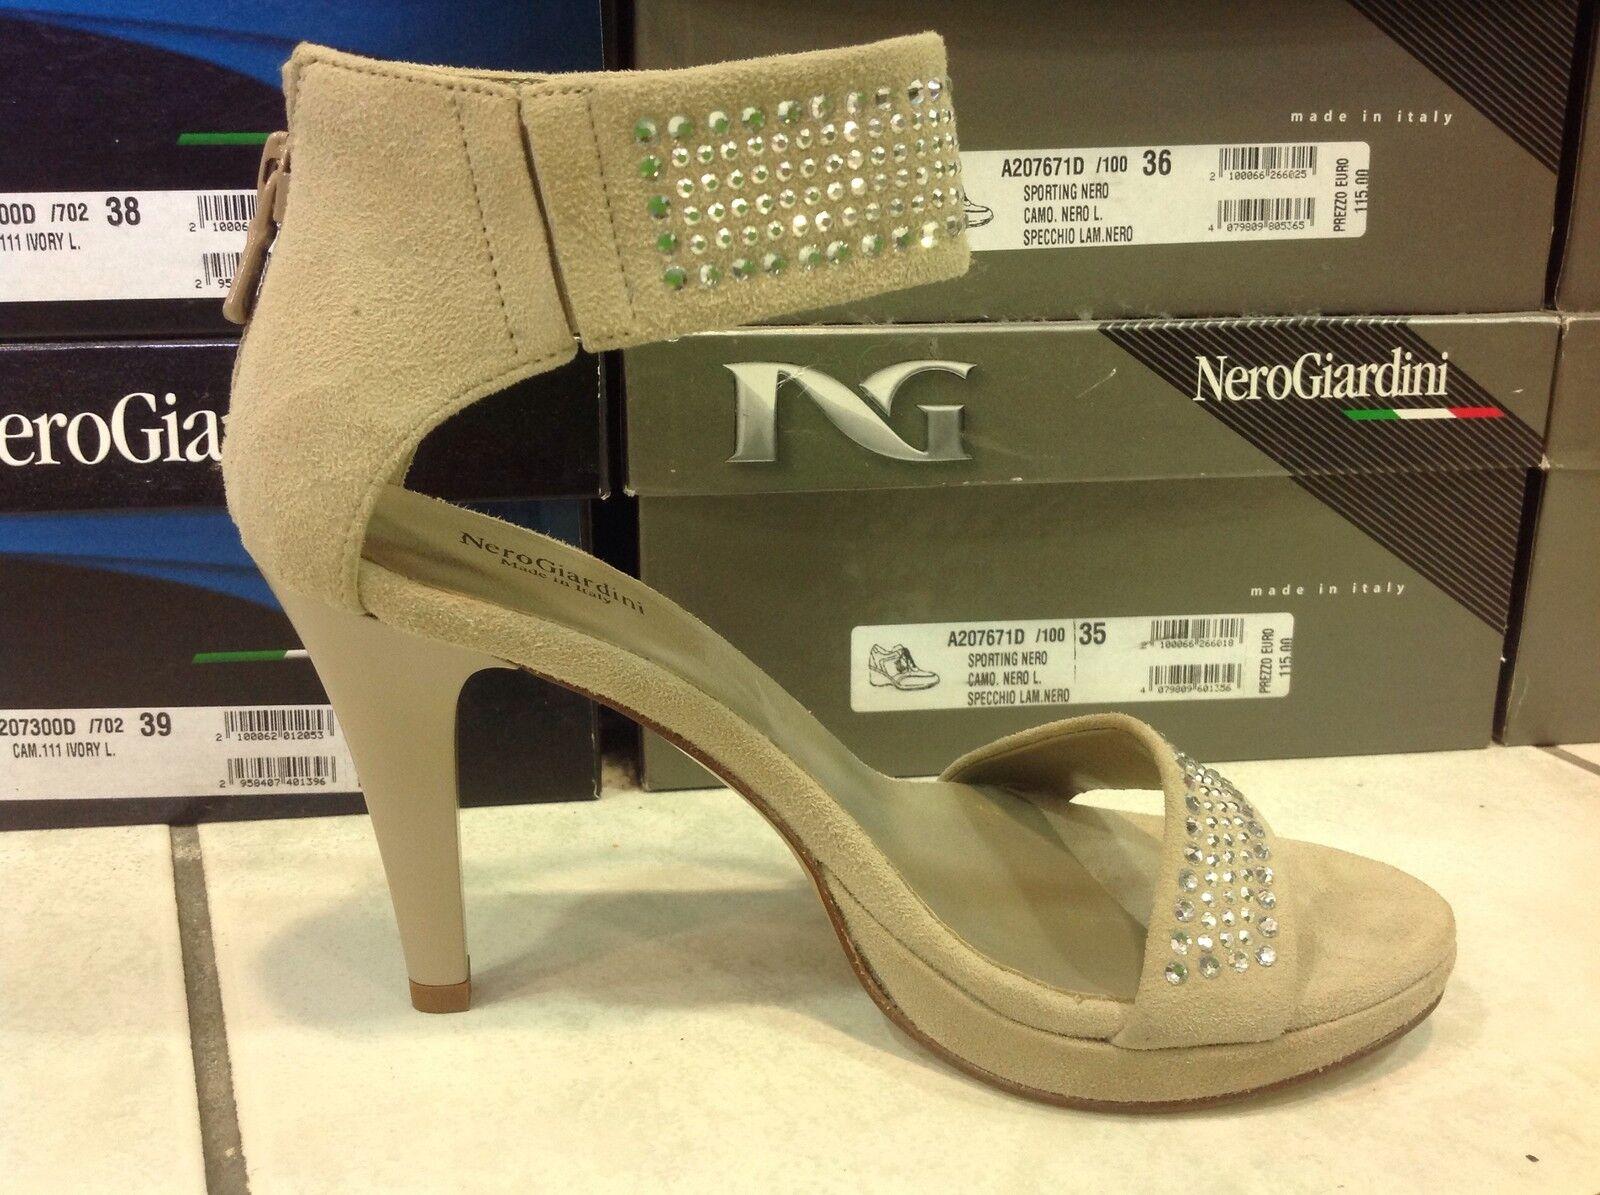 Nero camoscio Giardini p207571de sandali da donna in camoscio Nero con strass linea elegante 870df3